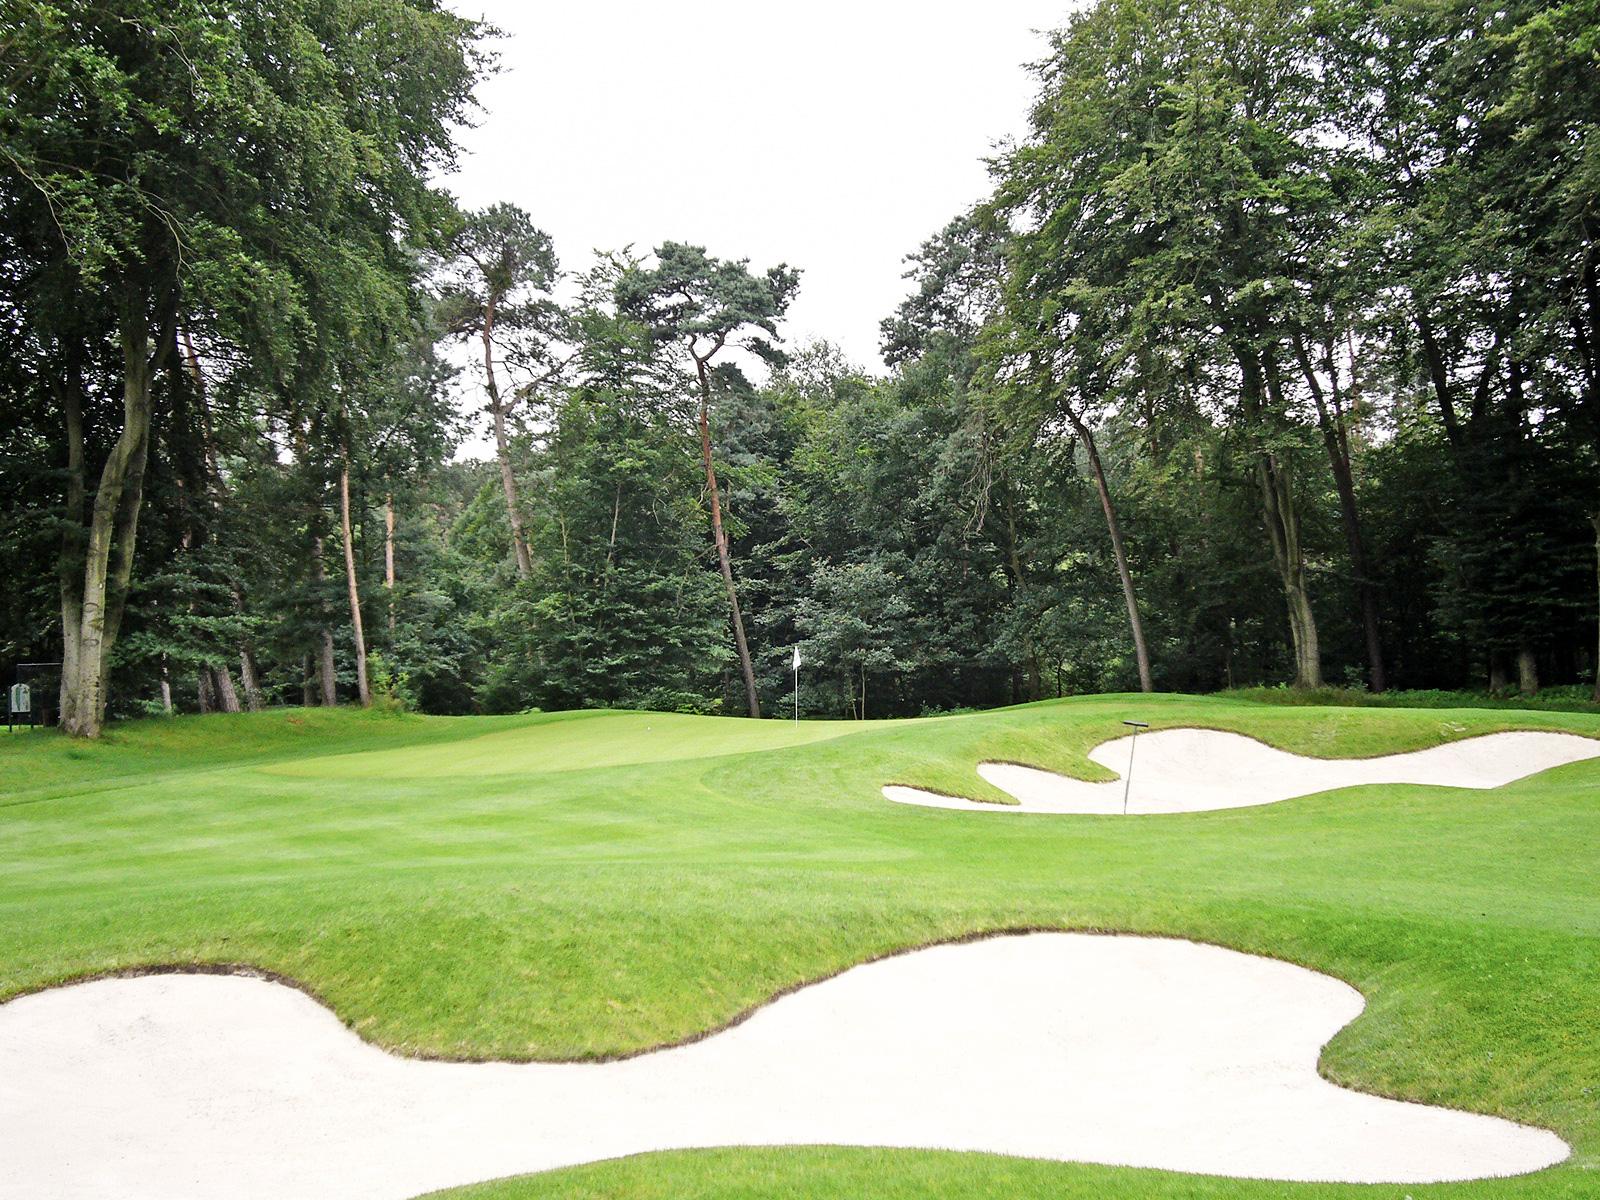 Frankfurter_Golf_Club_3